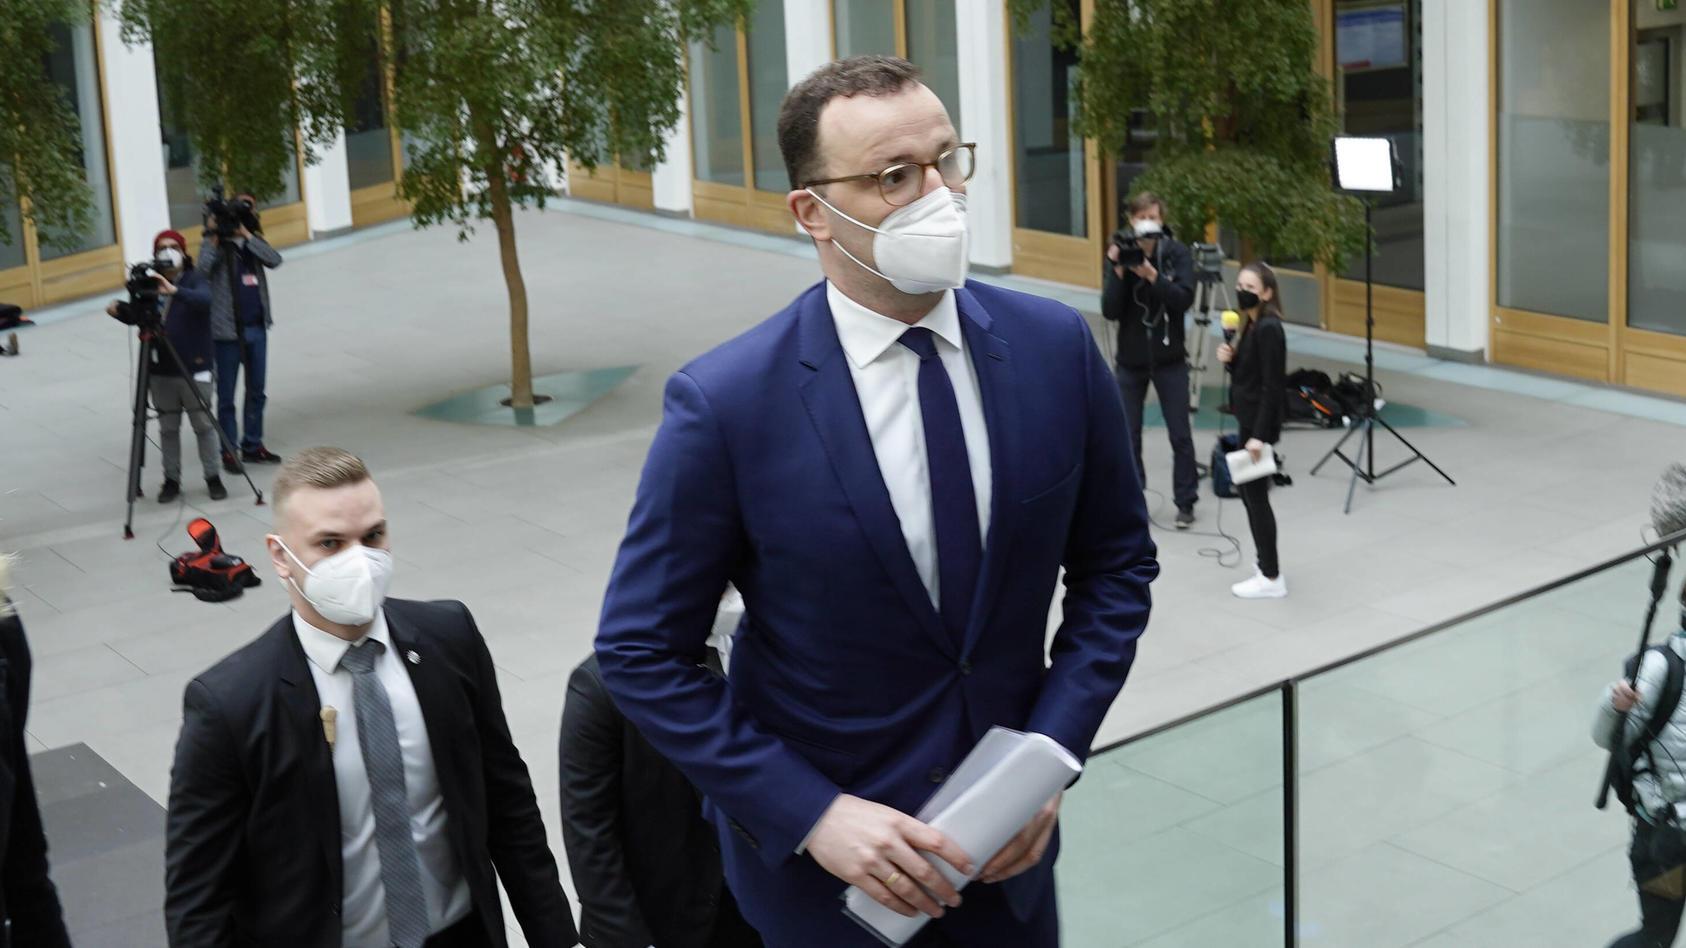 """Laut Bundesgesundheitsminister Spahn ist es eine """"große Herausforderung, bei Migranten für Impfung zu werben""""."""